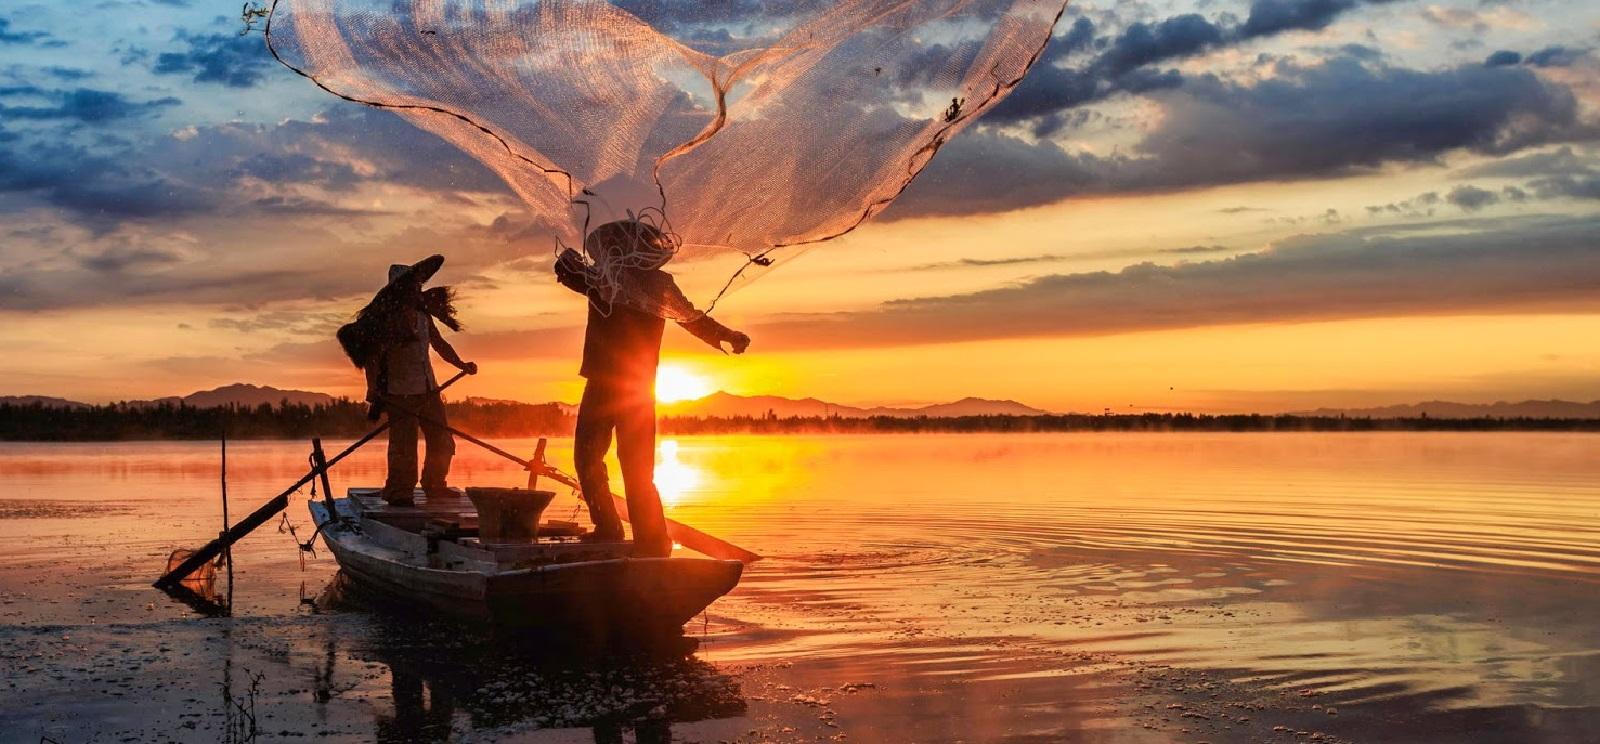 Acordo Garante Seguro Defeso A Pescador De Camarão Anasps